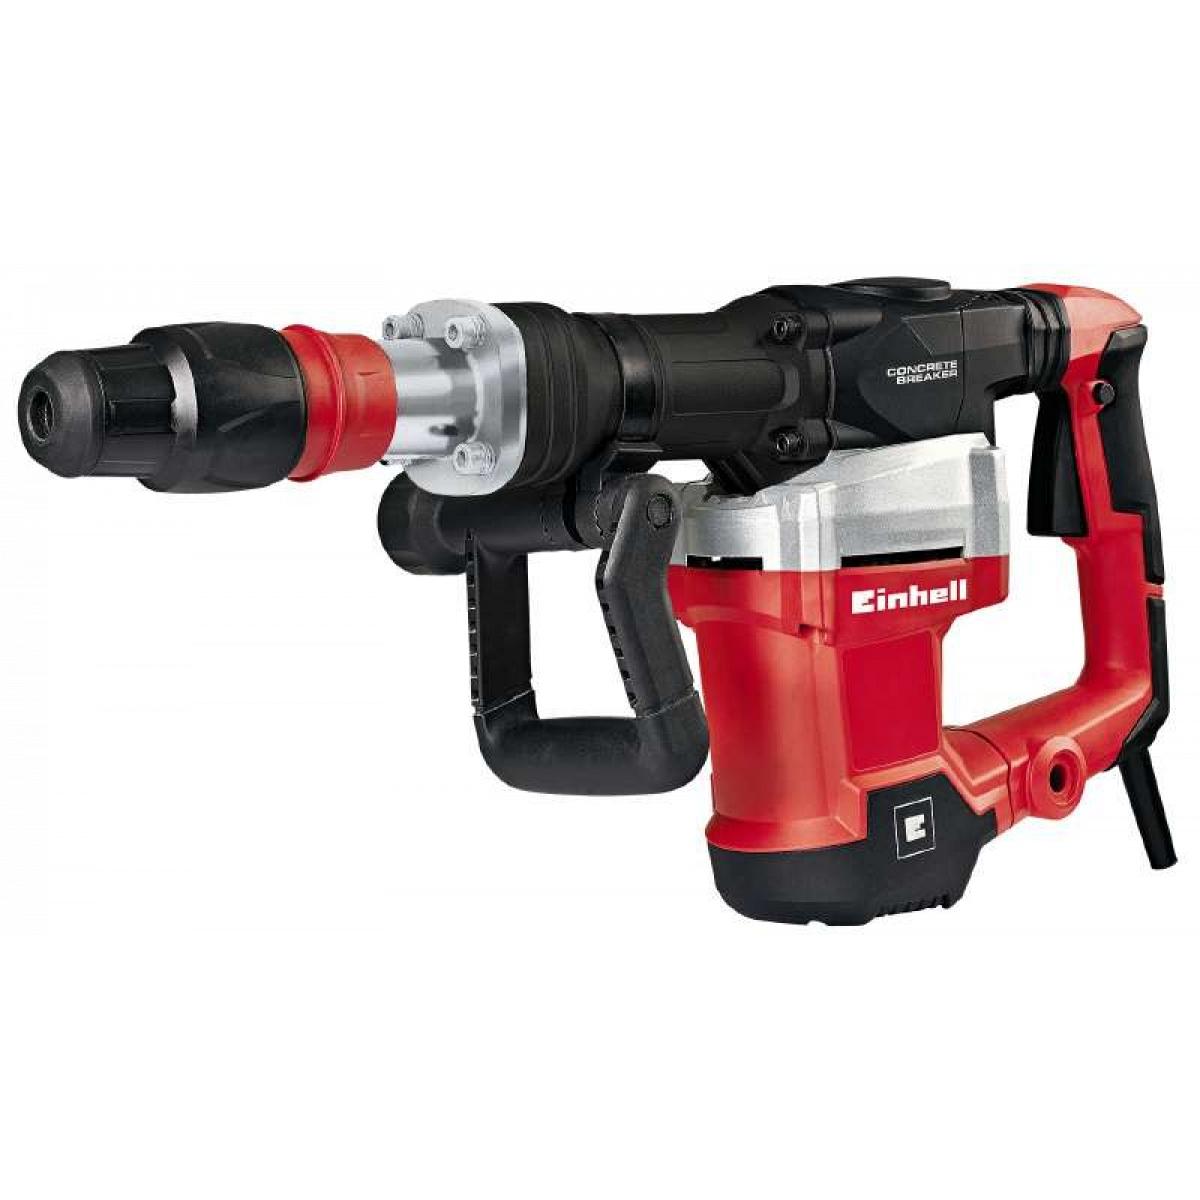 hammer bohrhammer einhell 1500w kraft